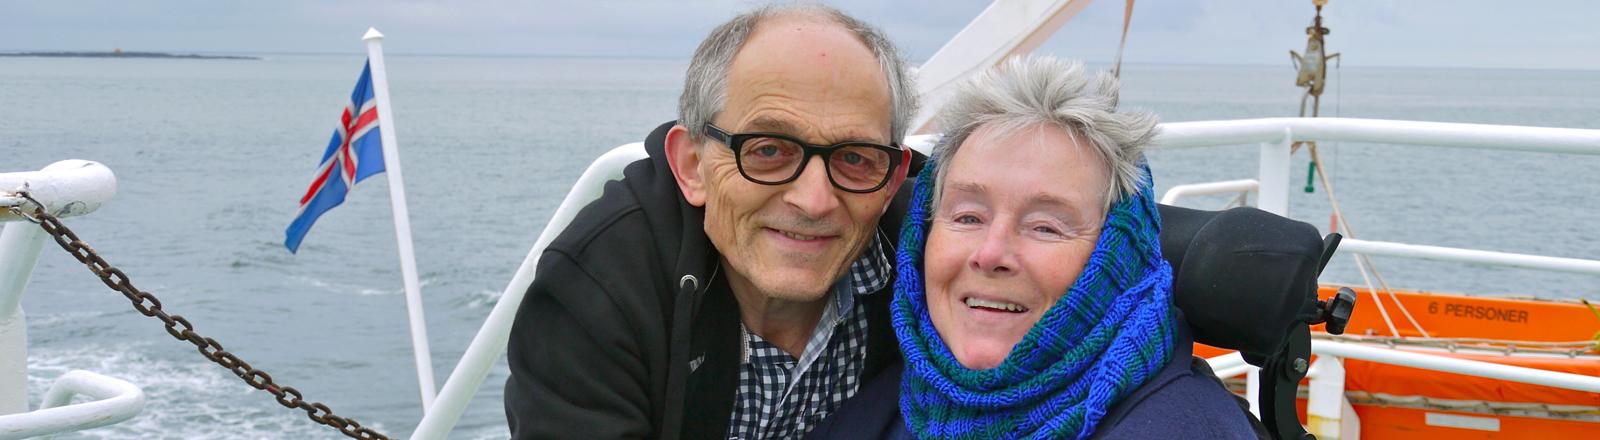 Die Eltern von Fanny Bräuning im Urlaub